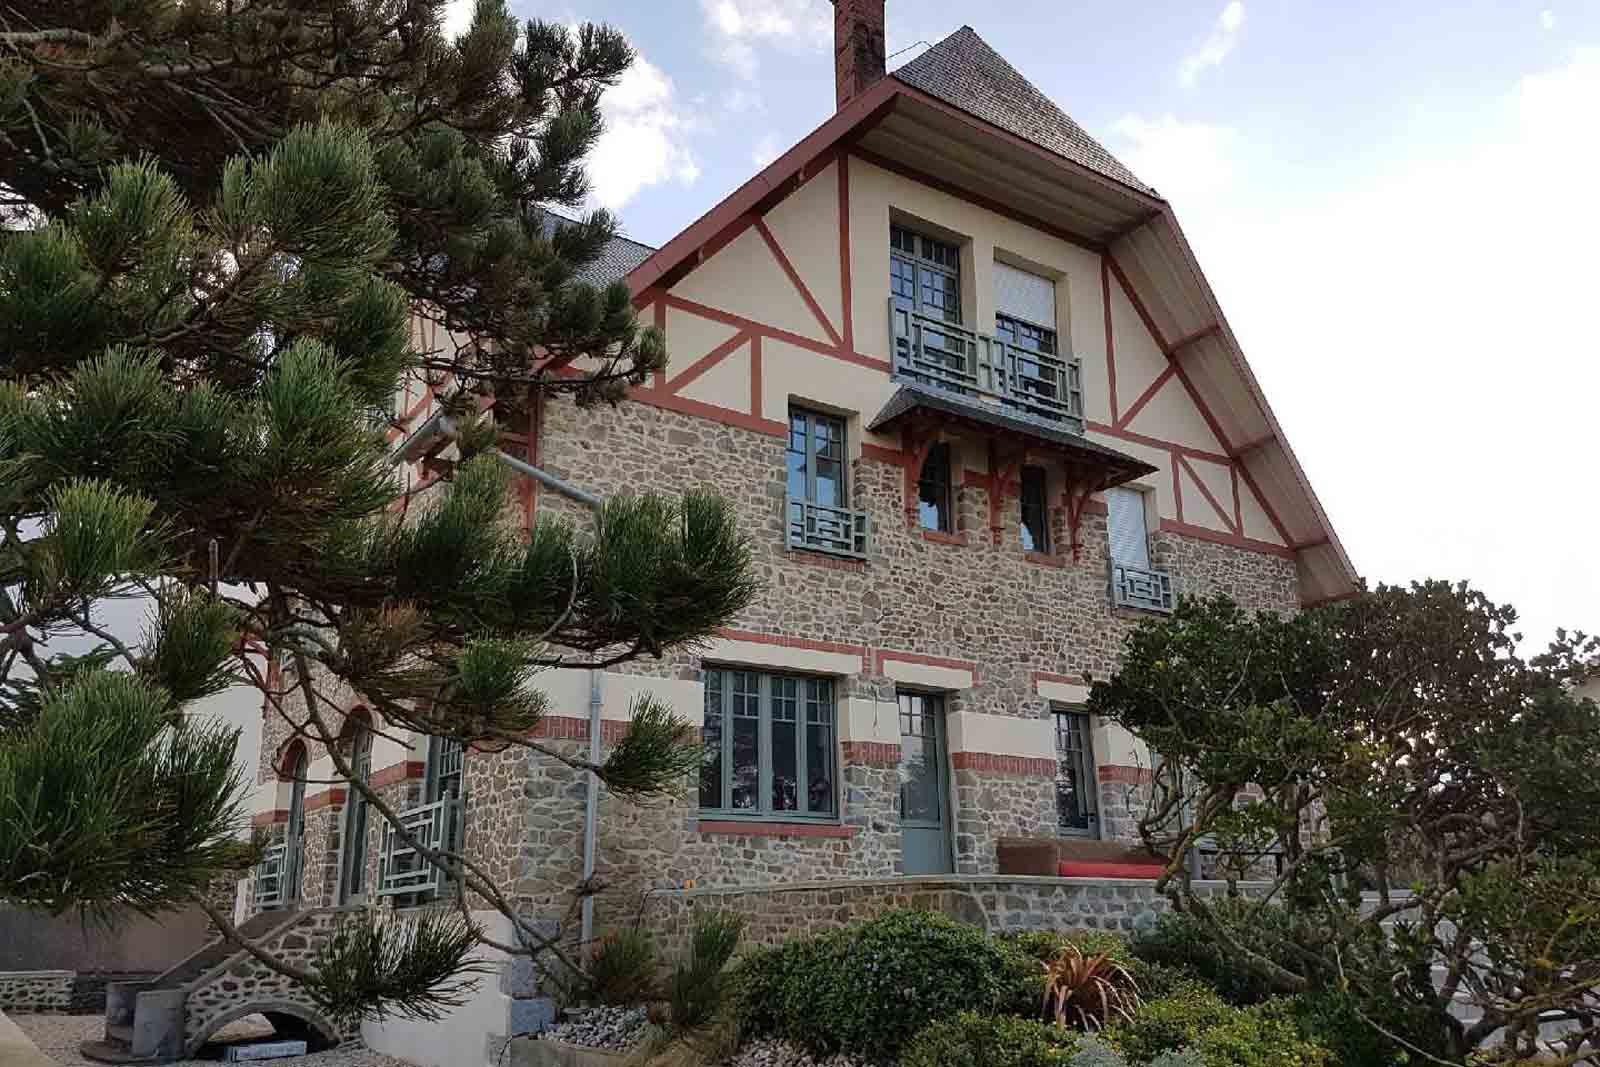 gite les roches grises 15 - L'appartement Les Ecuries Val De Mai - Location de Gite La Clef Decamp - Laclefdecamp.fr